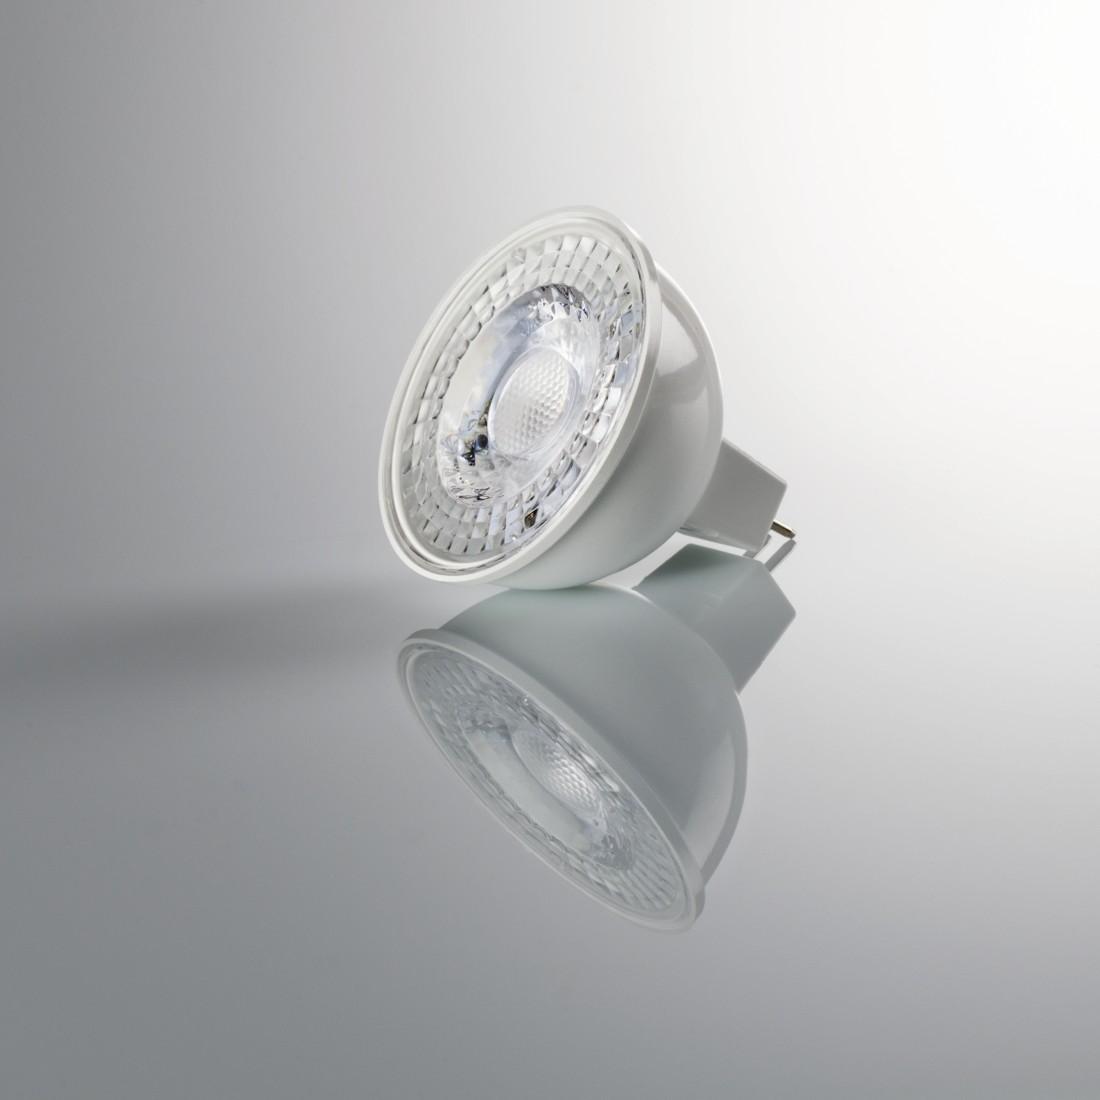 Xavax 00112512 xavax led lampe gu53 345lm ersetzt 35w abx3 druckfhige abbildung 3 xavax led lampe gu53 345lm parisarafo Choice Image